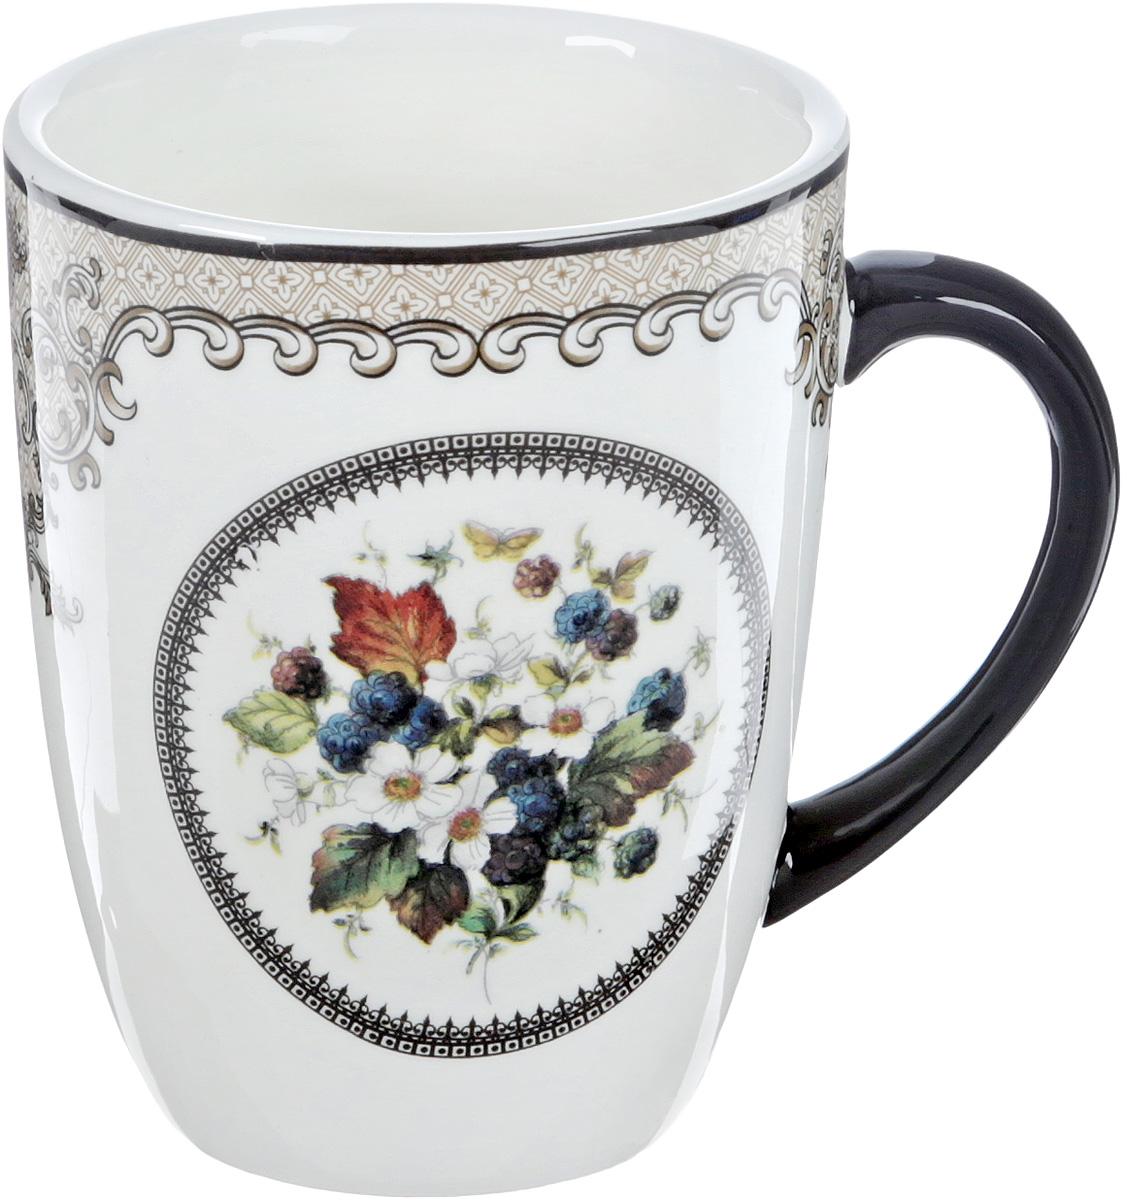 Кружка Lillo, цвет: белый, черный, 350 мл115510Кружка Lillo выполнена из высококачественной керамики с глазурованным покрытием и оформлена оригинальным рисунком. Изделие оснащено удобной ручкой.Такая кружка прекрасно оформит стол к чаепитию и станет его неизменным атрибутом. Можно мыть в посудомоечной машине и использовать в СВЧ.Диаметр кружки (по верхнему краю): 8,3 см.Высота чашки: 10,5 см.